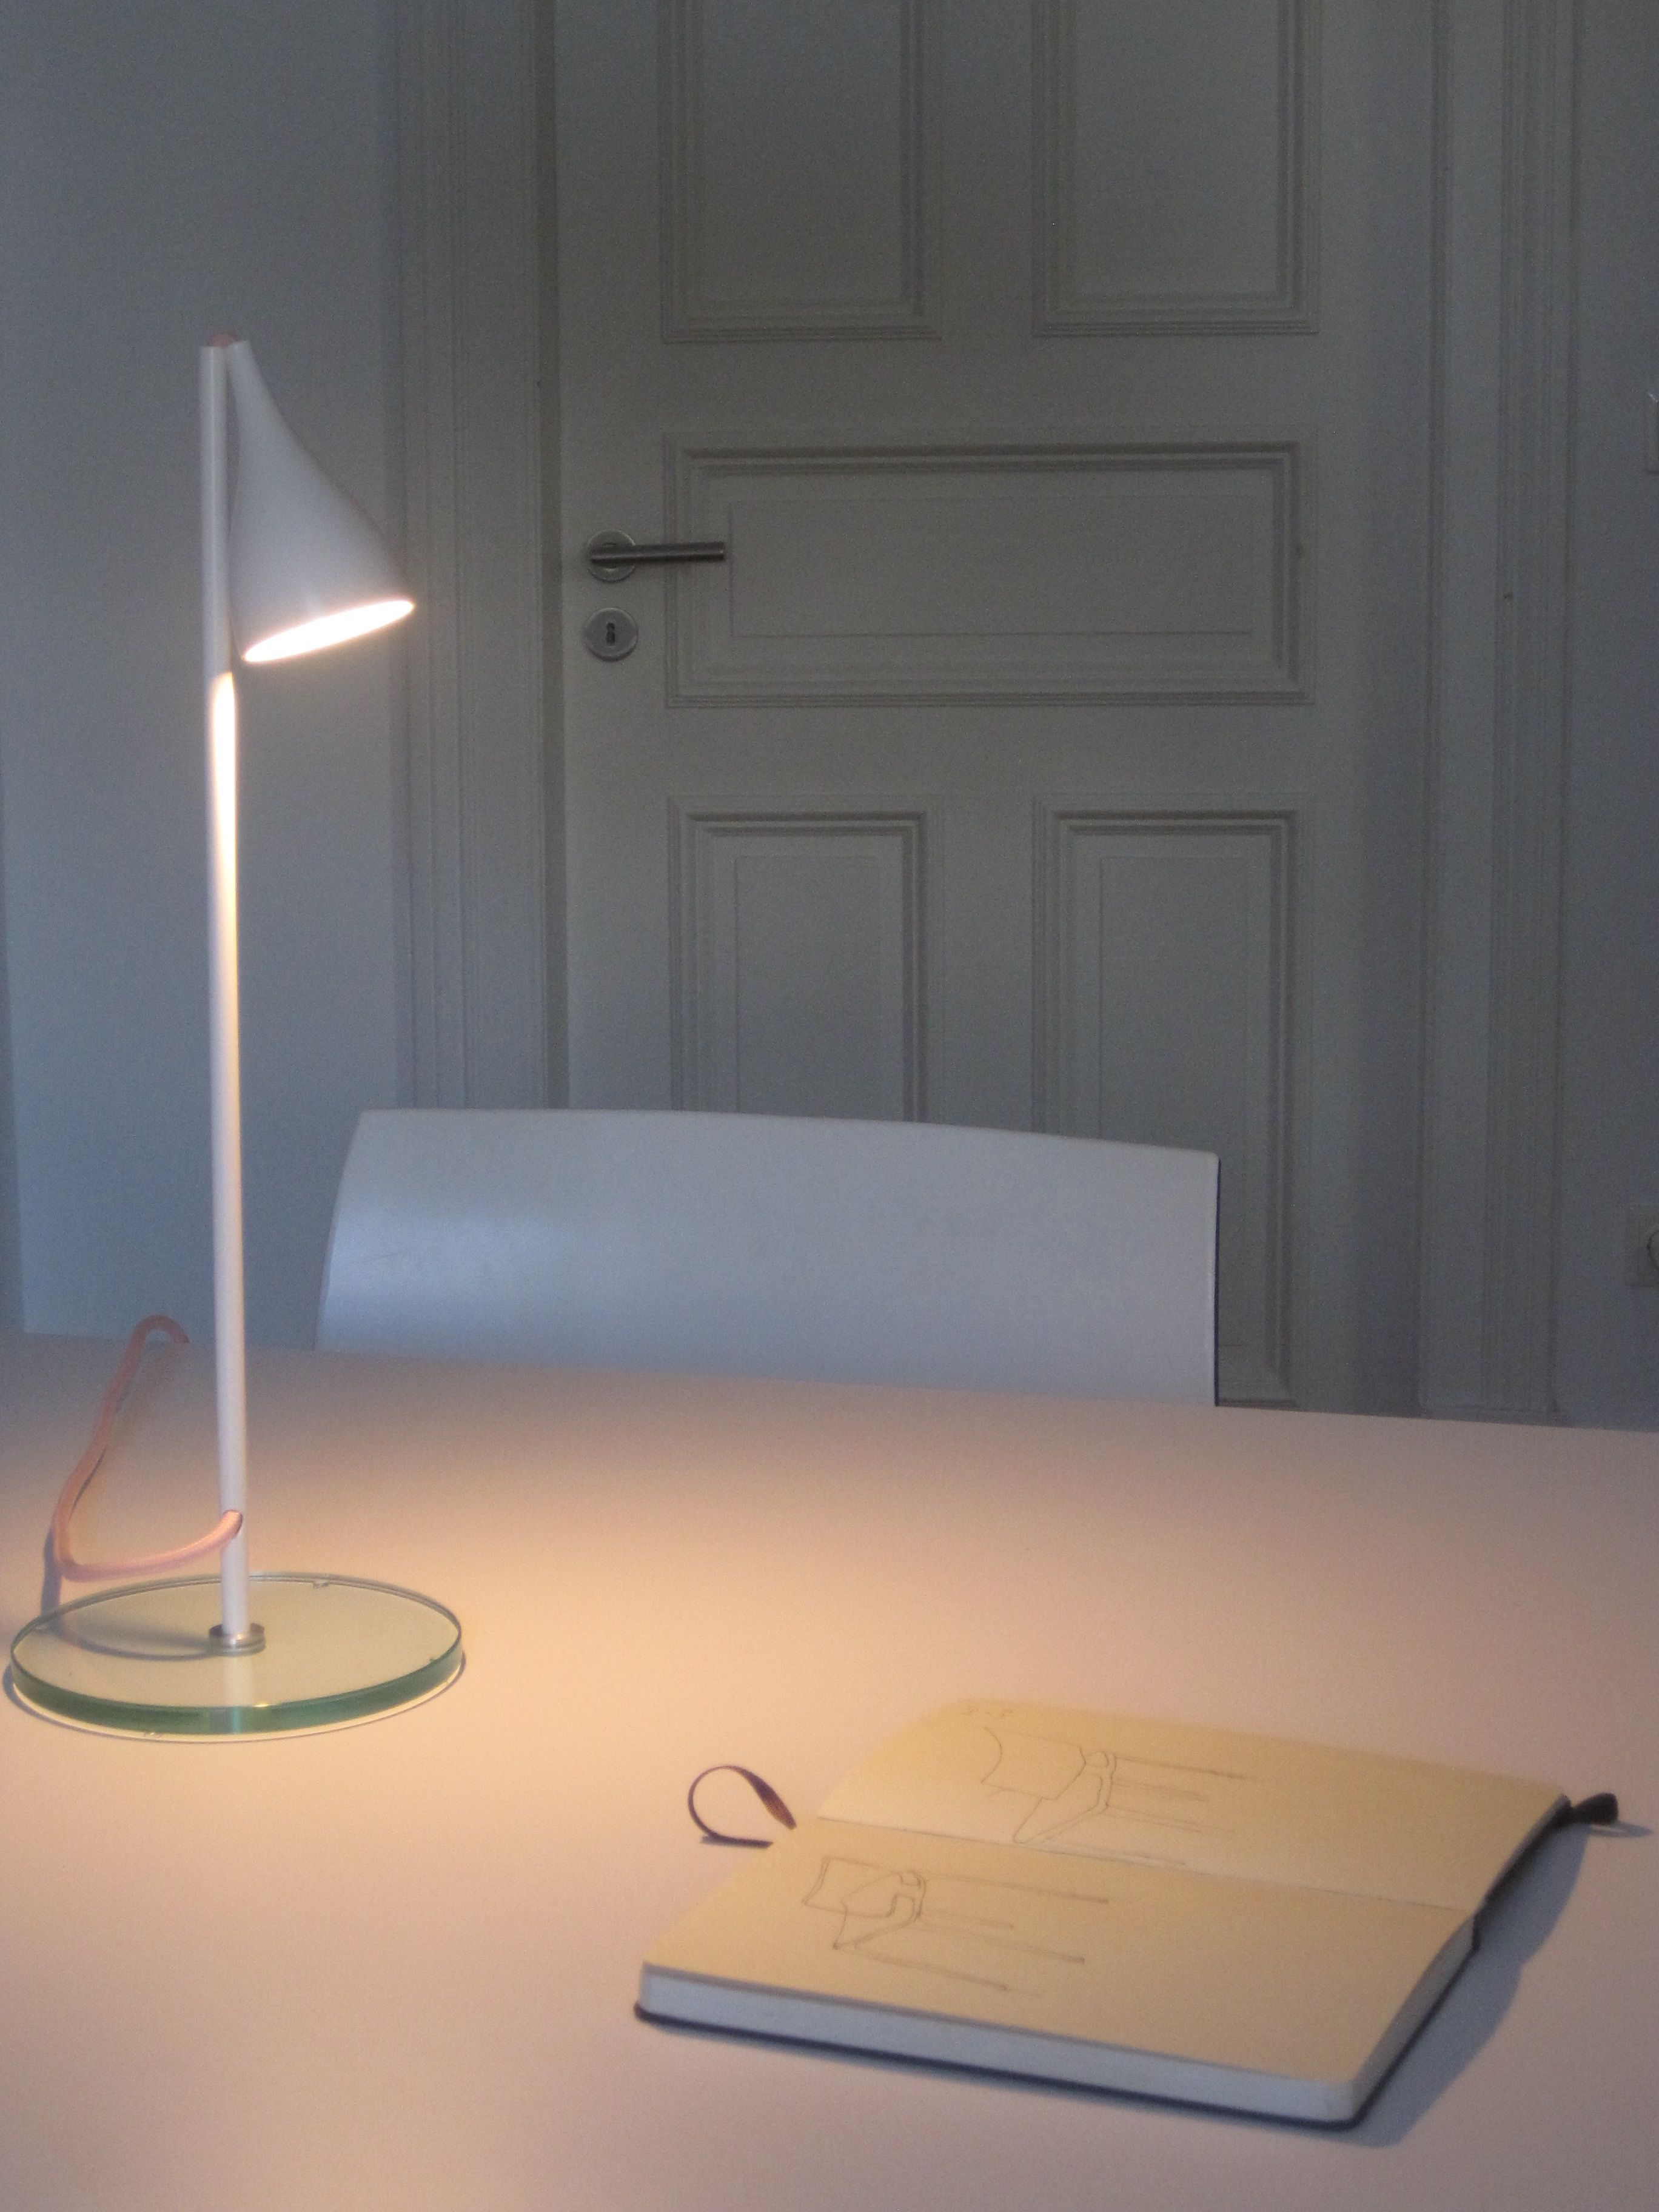 Bim Led Lese Leuchte 1300 Lumen 2700 Kelvin Led 14 Watt Design By A Ostwald Mit Bildern Led Pendelleuchte Tischleuchte